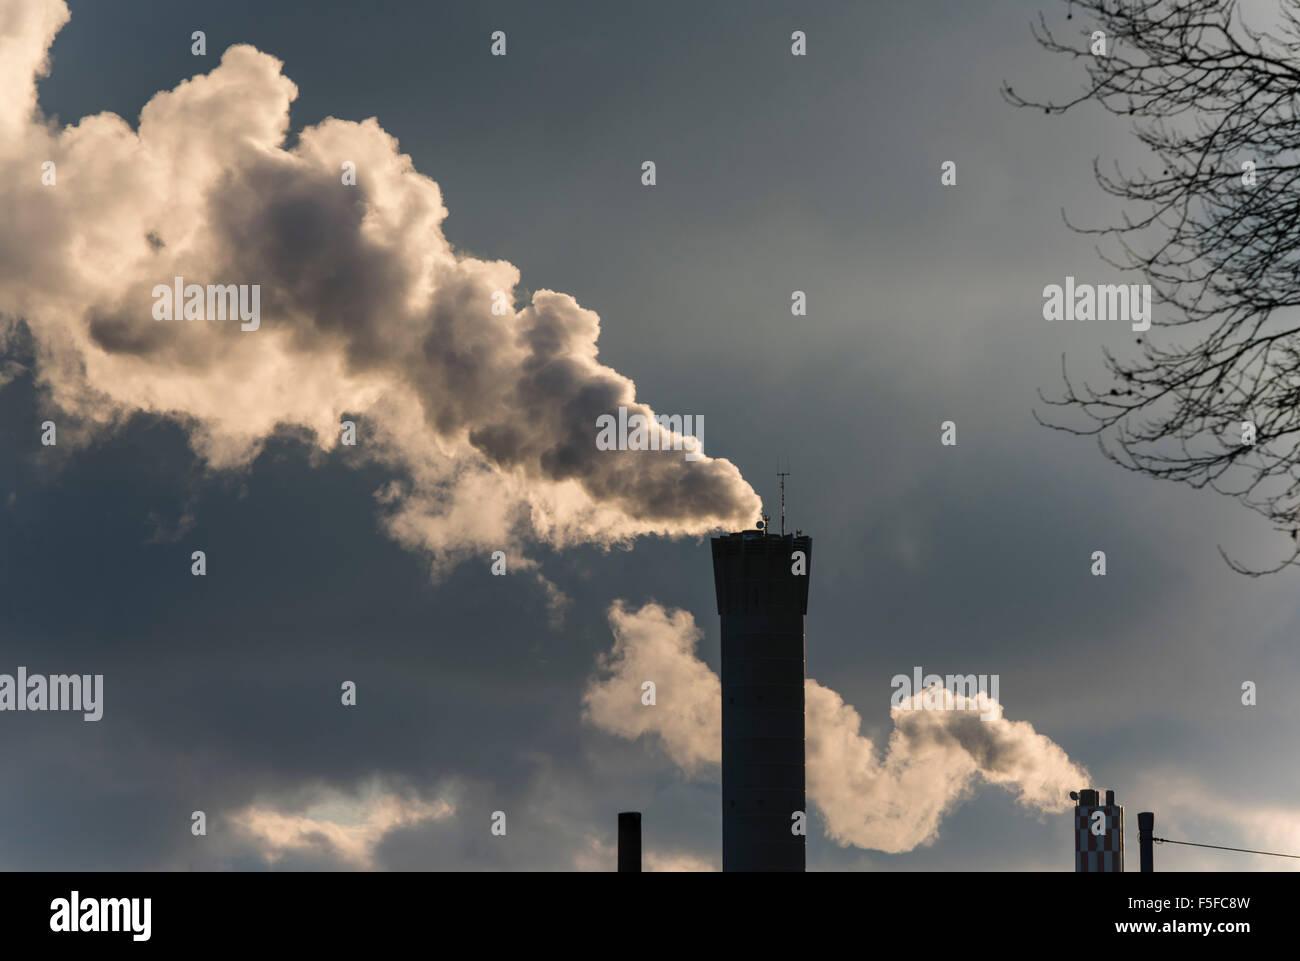 Dichter Rauch verlässt Schornsteine eines Kraftwerks in Zürich, Schweiz. Stockbild